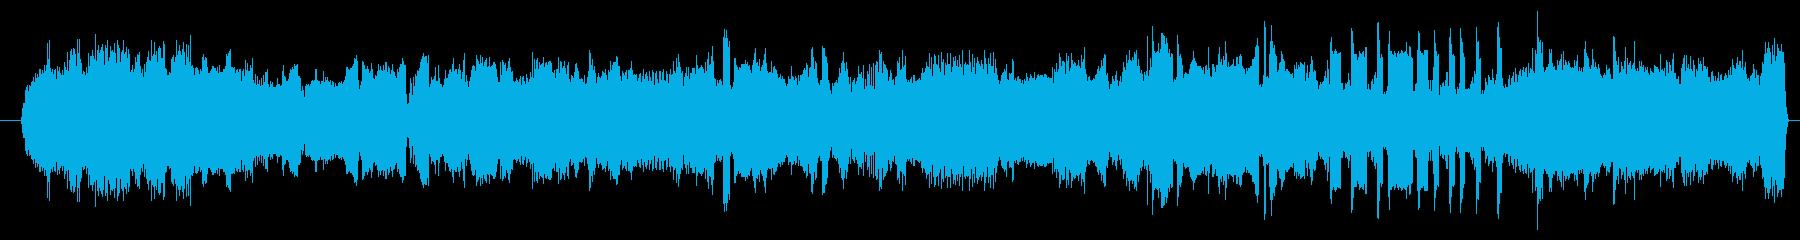 ノイズ デジタルエラーシーケンス01の再生済みの波形